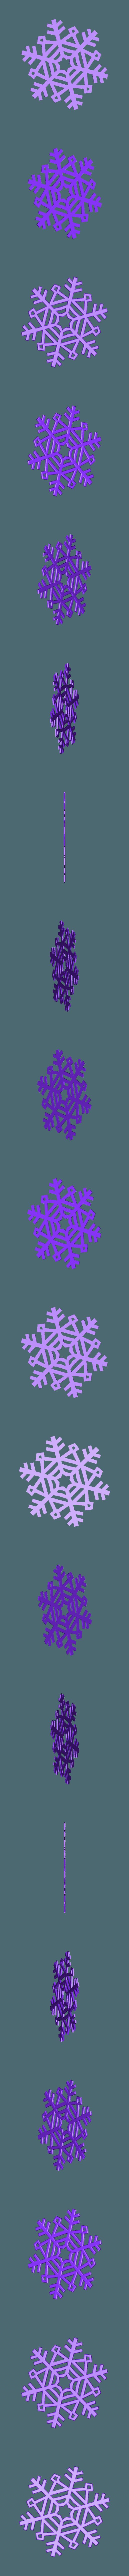 Snowflake_3.stl Télécharger fichier STL gratuit Flocon de neige • Modèle imprimable en 3D, Mirson3Dprint